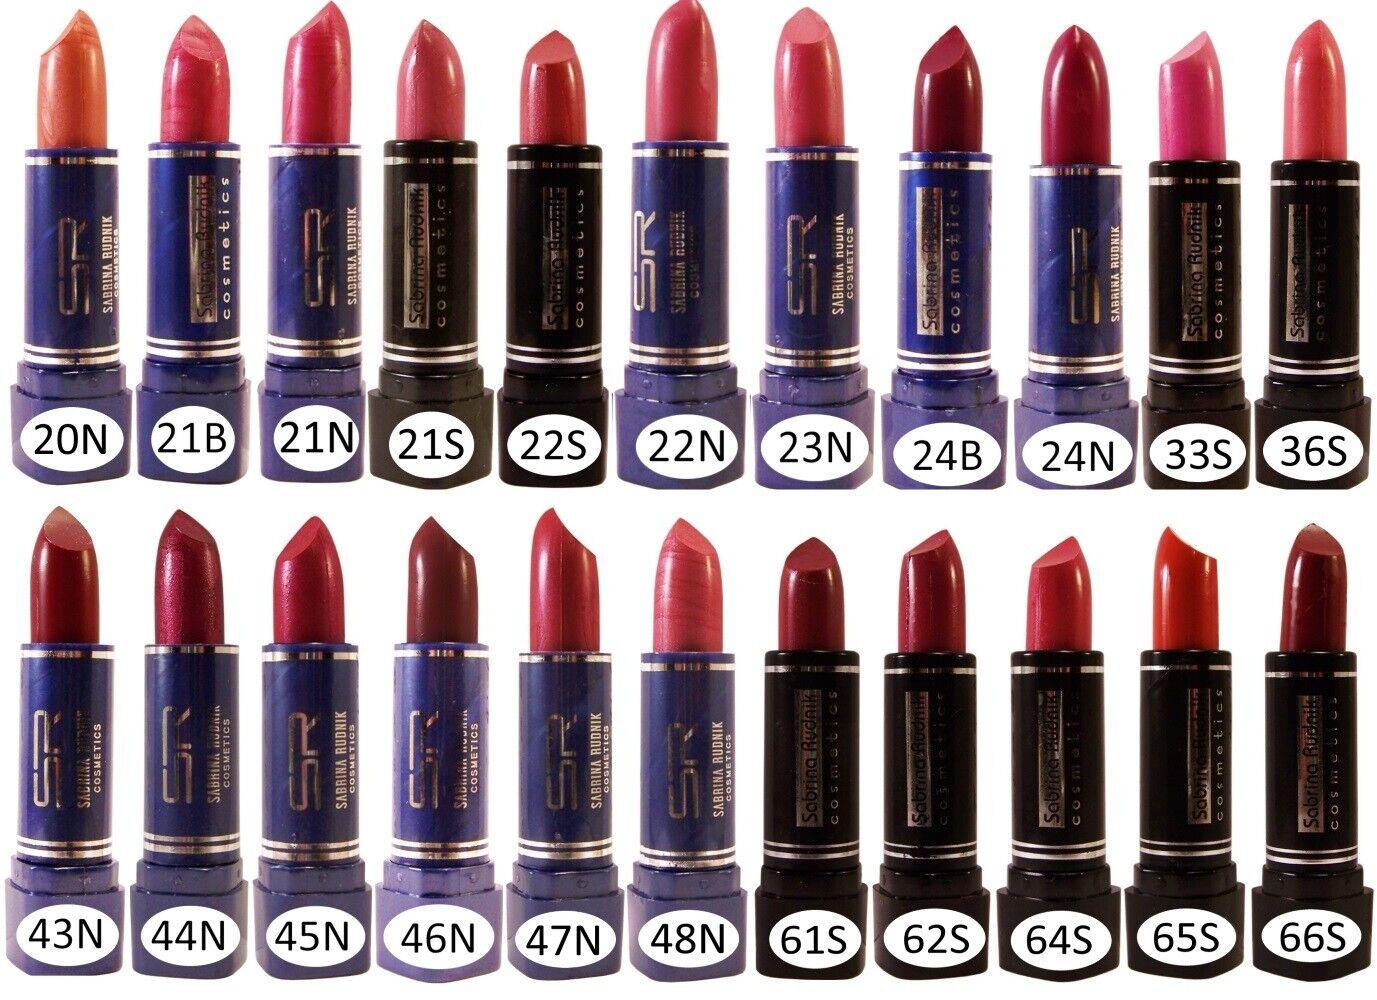 Lippenstift Lipstick Lippenpflege Lippenbalsam Braun Orange Rosa Rot Lila  20-66